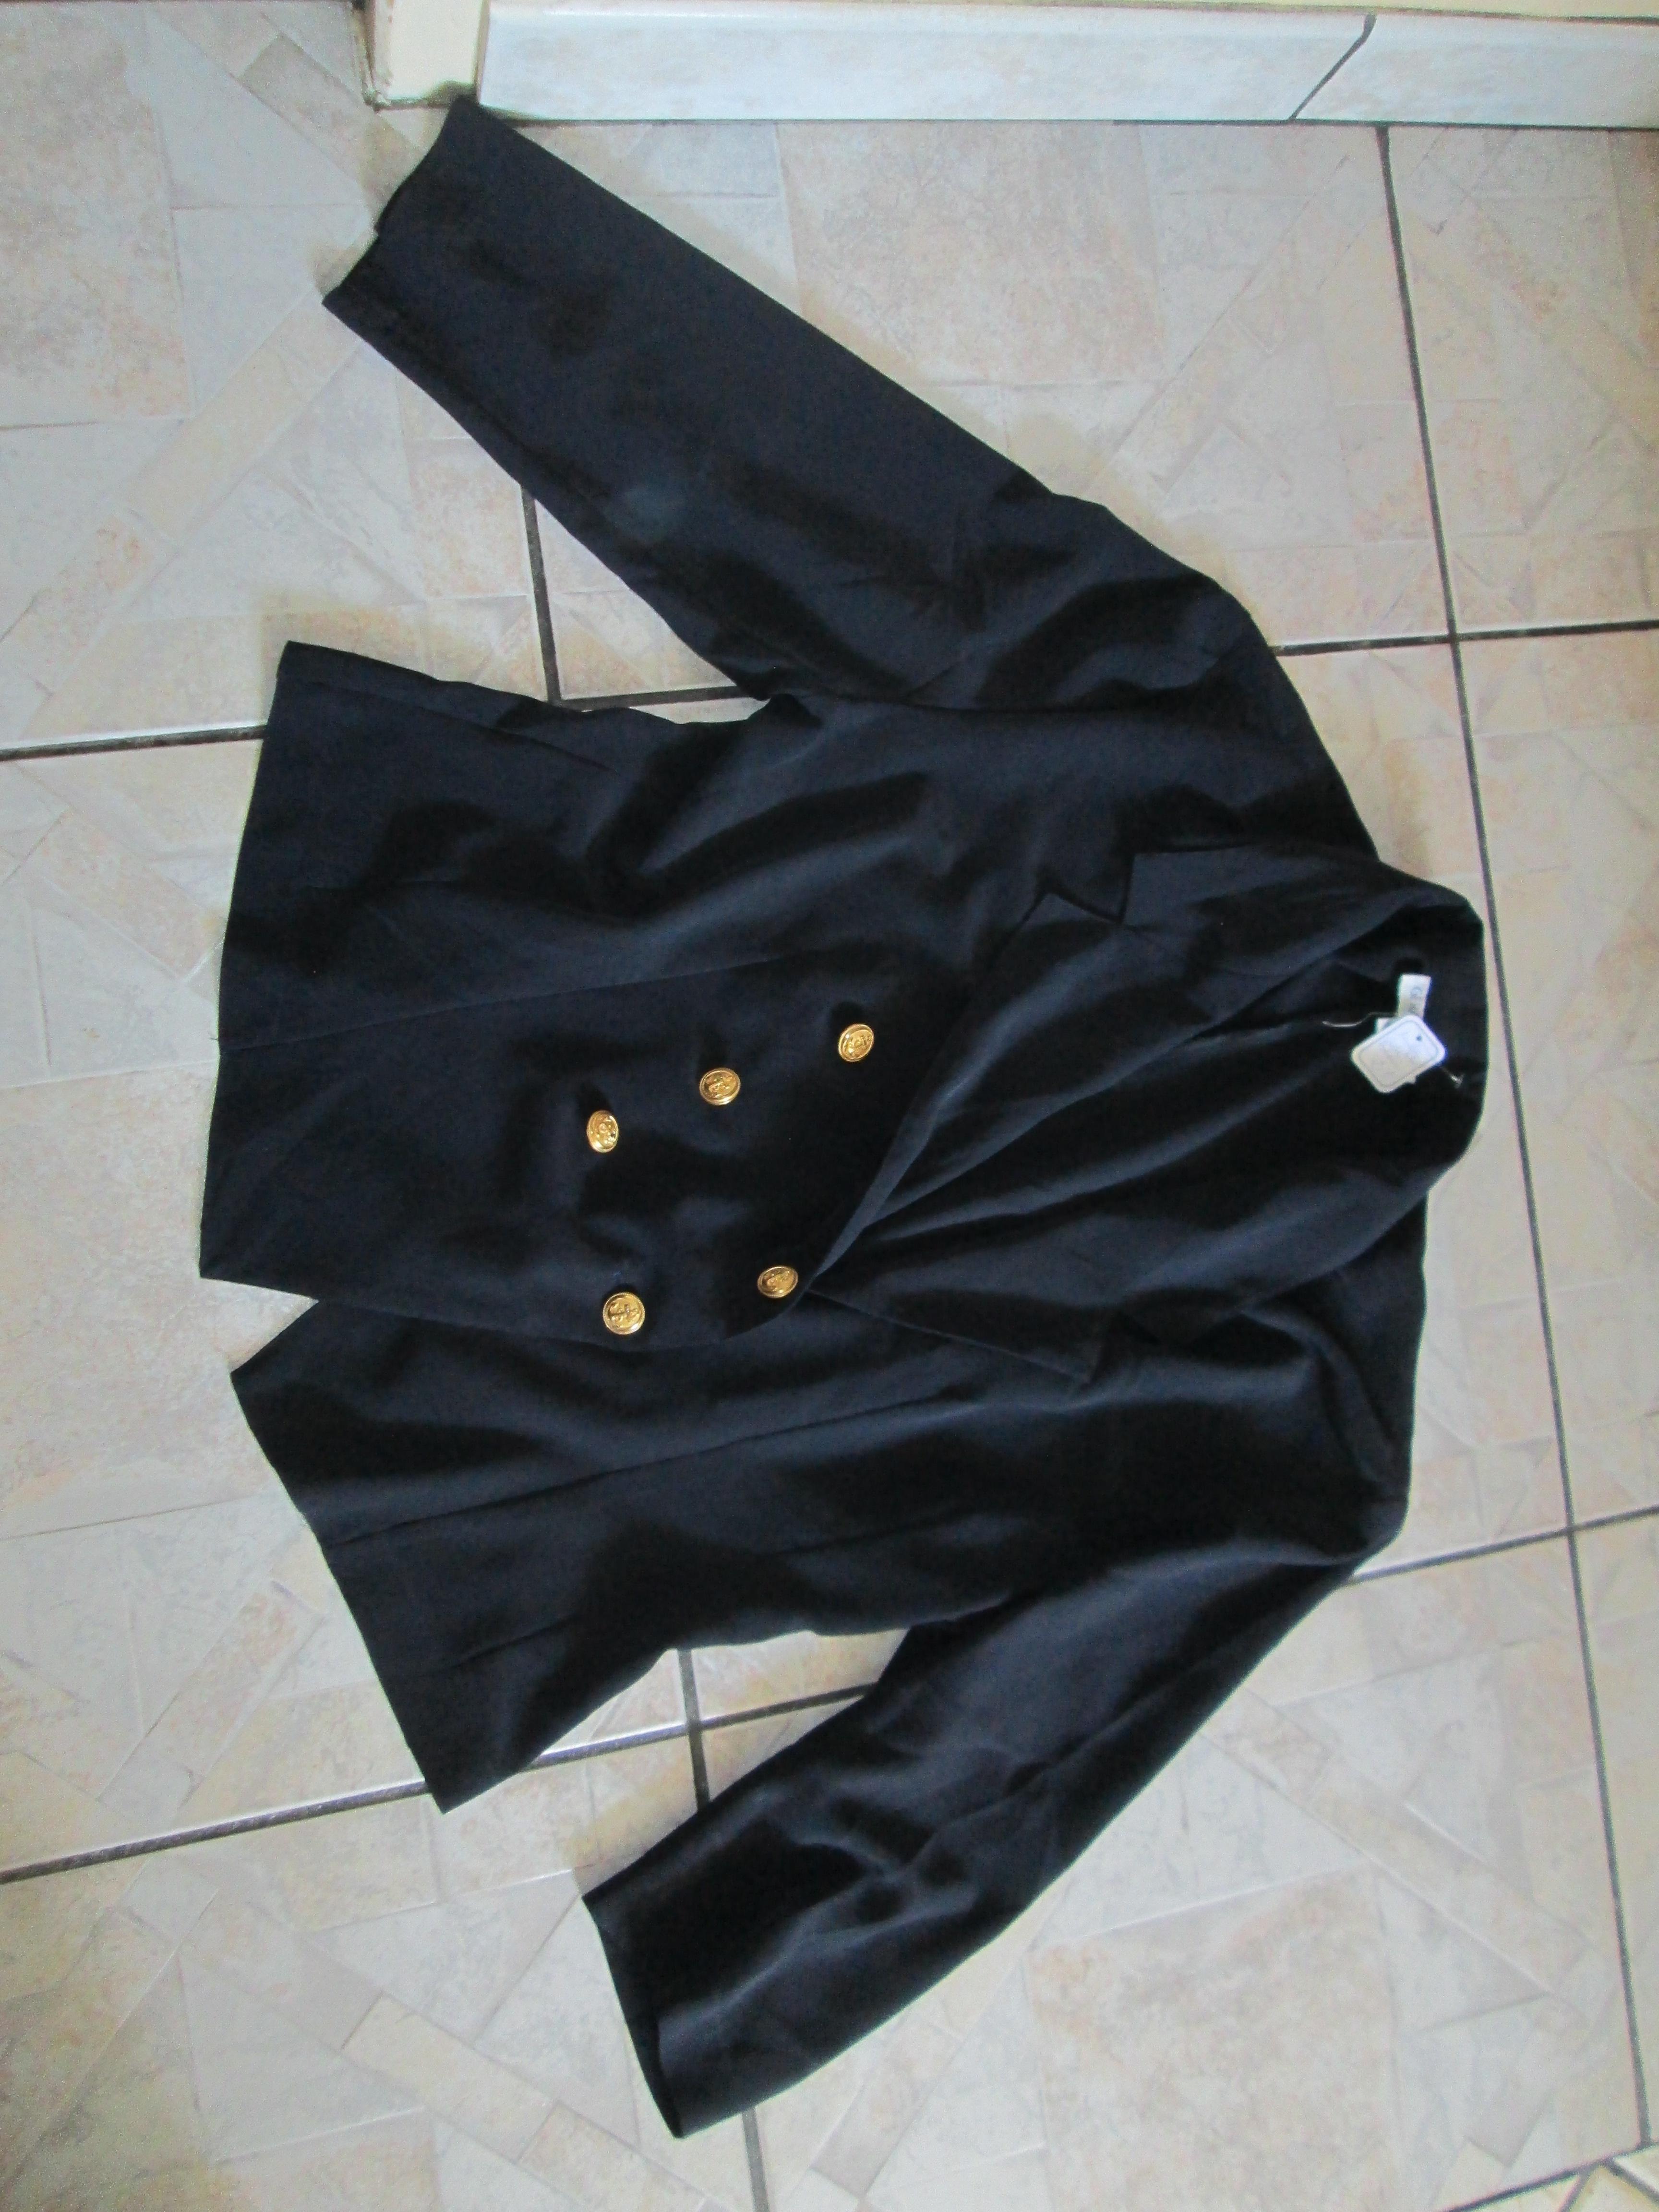 troc de troc veste été bleu marine  gerard darel  t  42  10 noisettes image 0